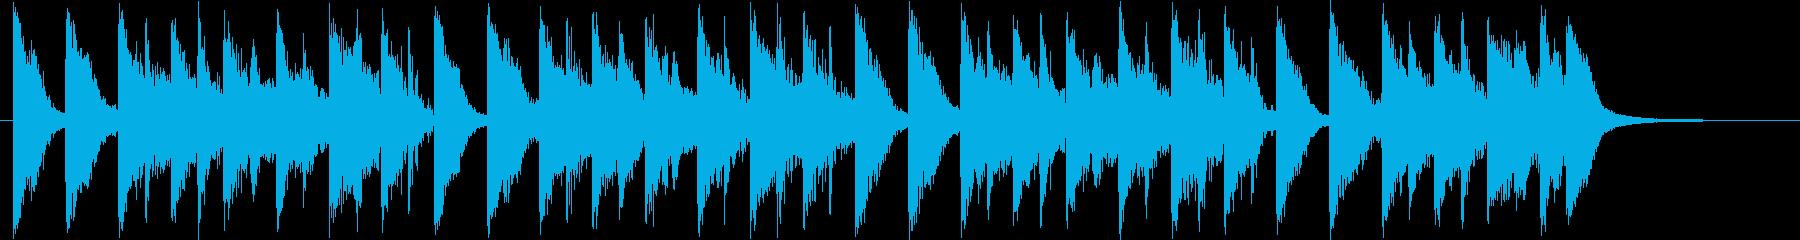 明るく楽しいほのぼのロゴ♪の再生済みの波形